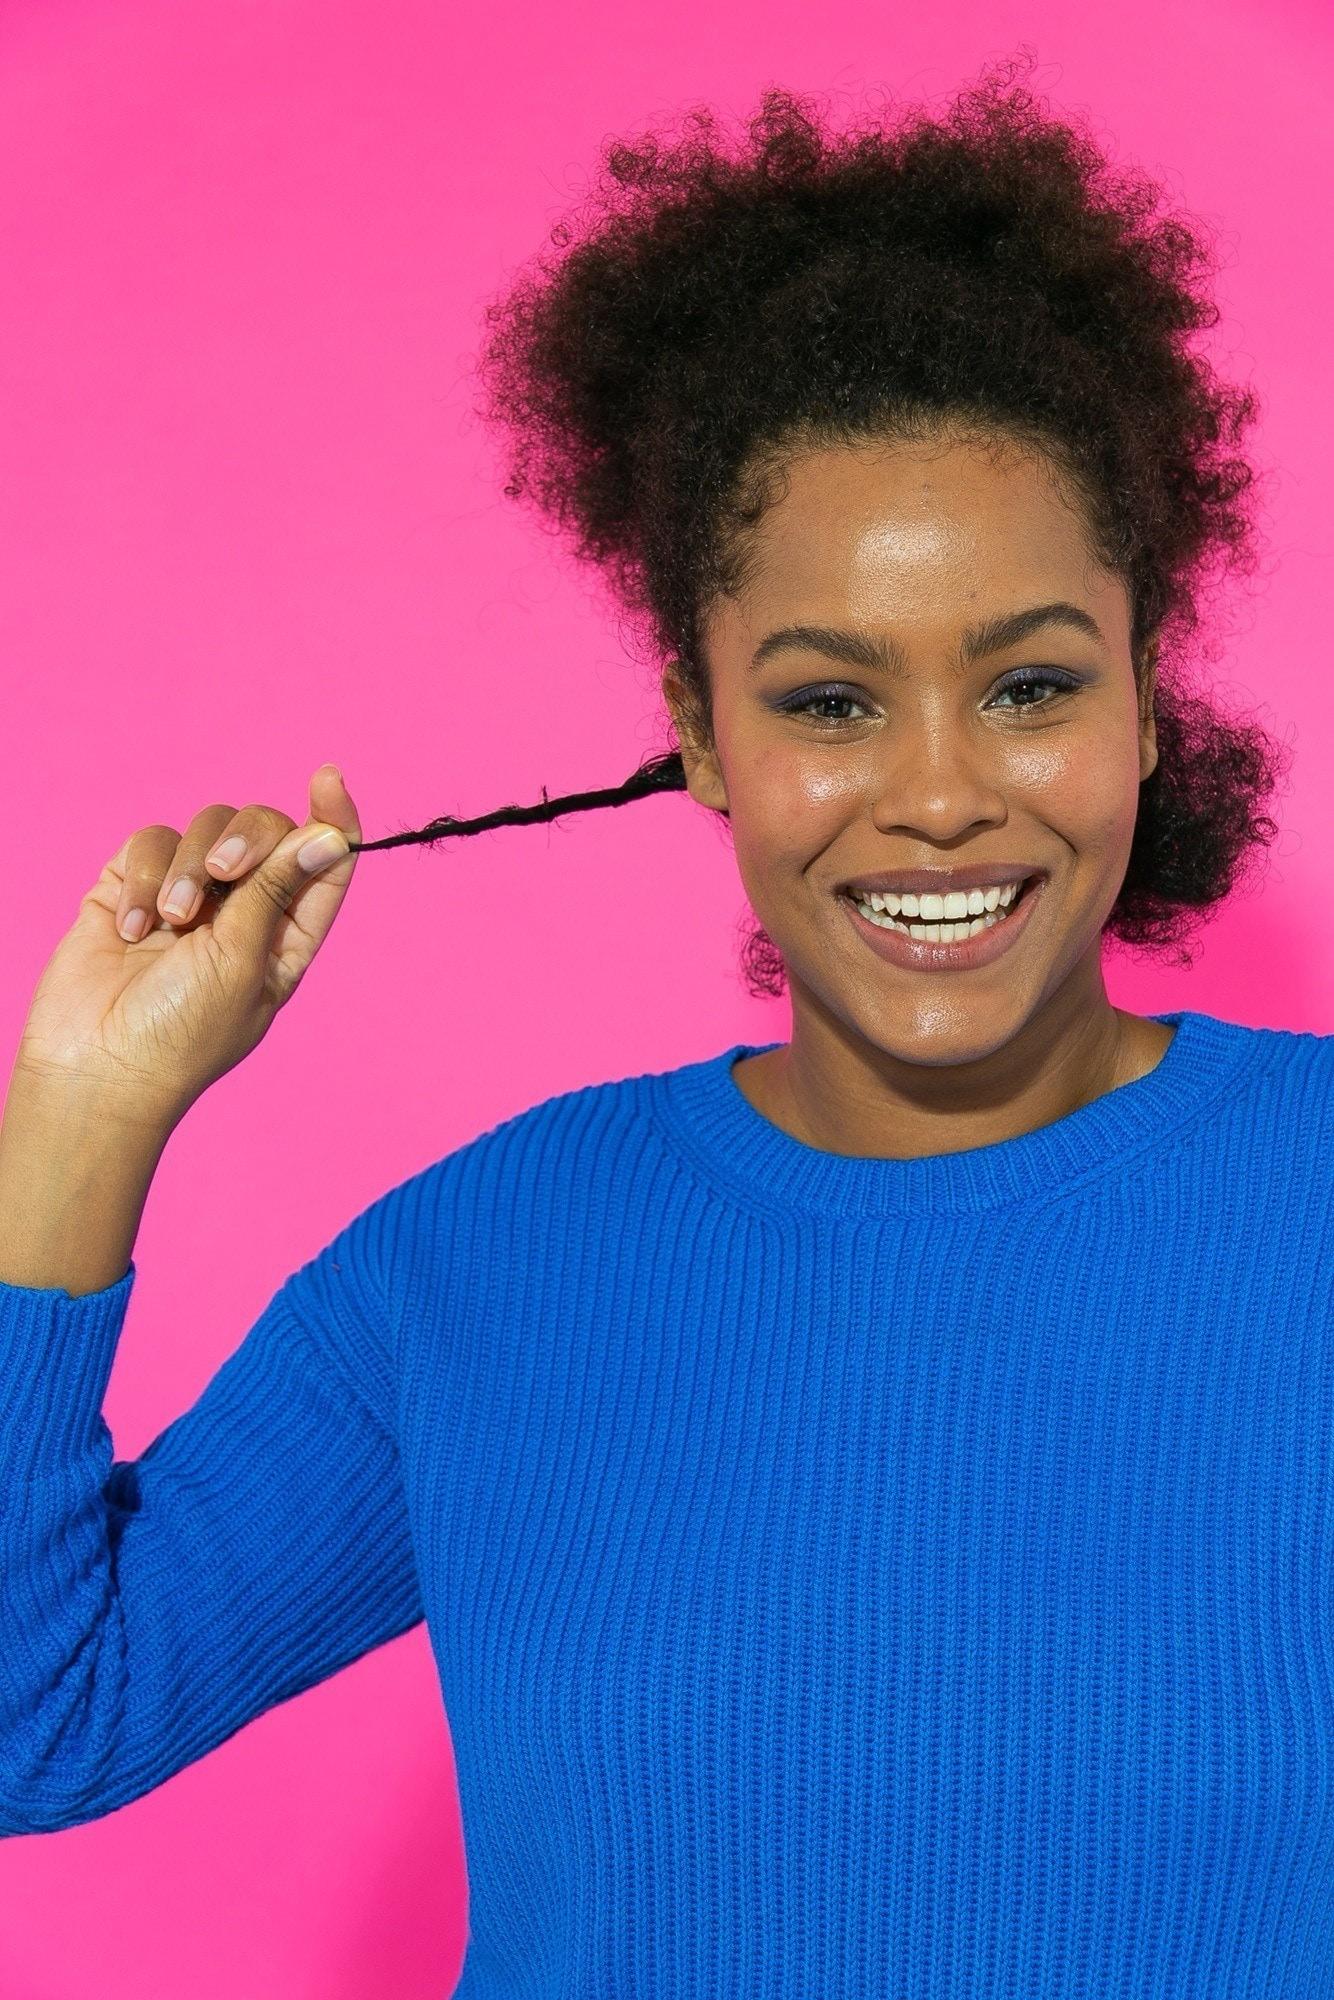 Texturização com trança em cabelo crespo